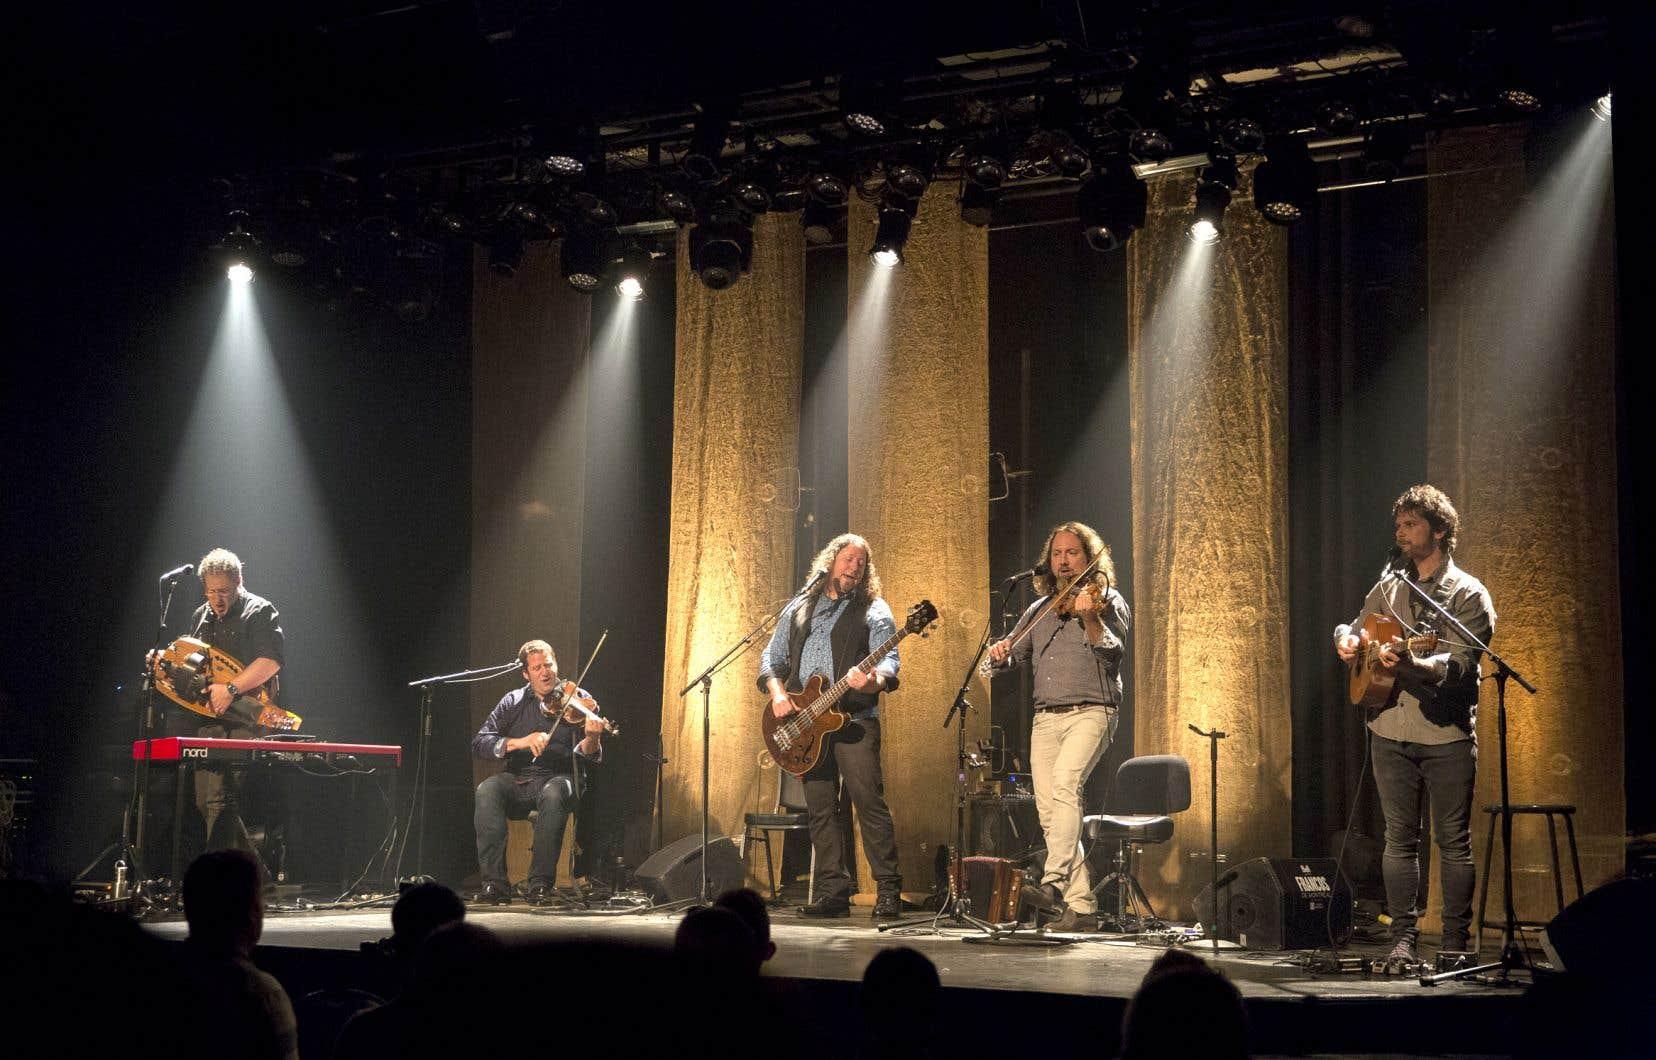 Le Vent du Nord sera accompagné de La Galvaude ainsi que du duo Seba et Horg pour sa Veillée de l'avant-veille.